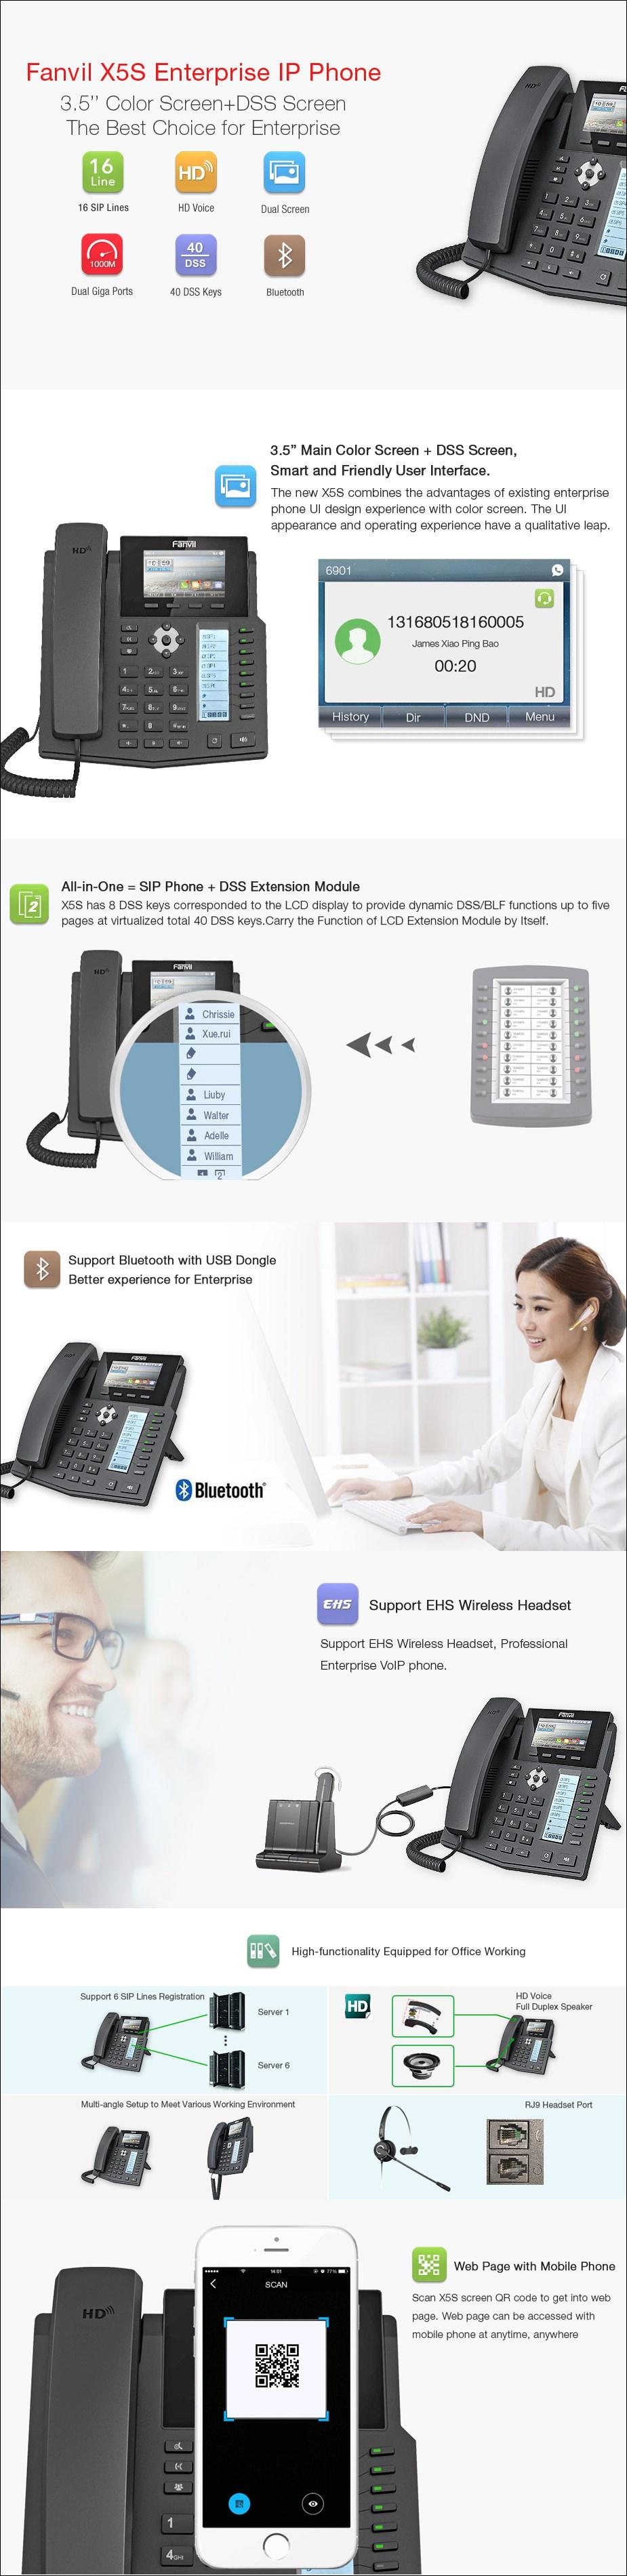 Fanvil X5S 6-Line HD Enterprise IP Phone - Desktop Overview 1